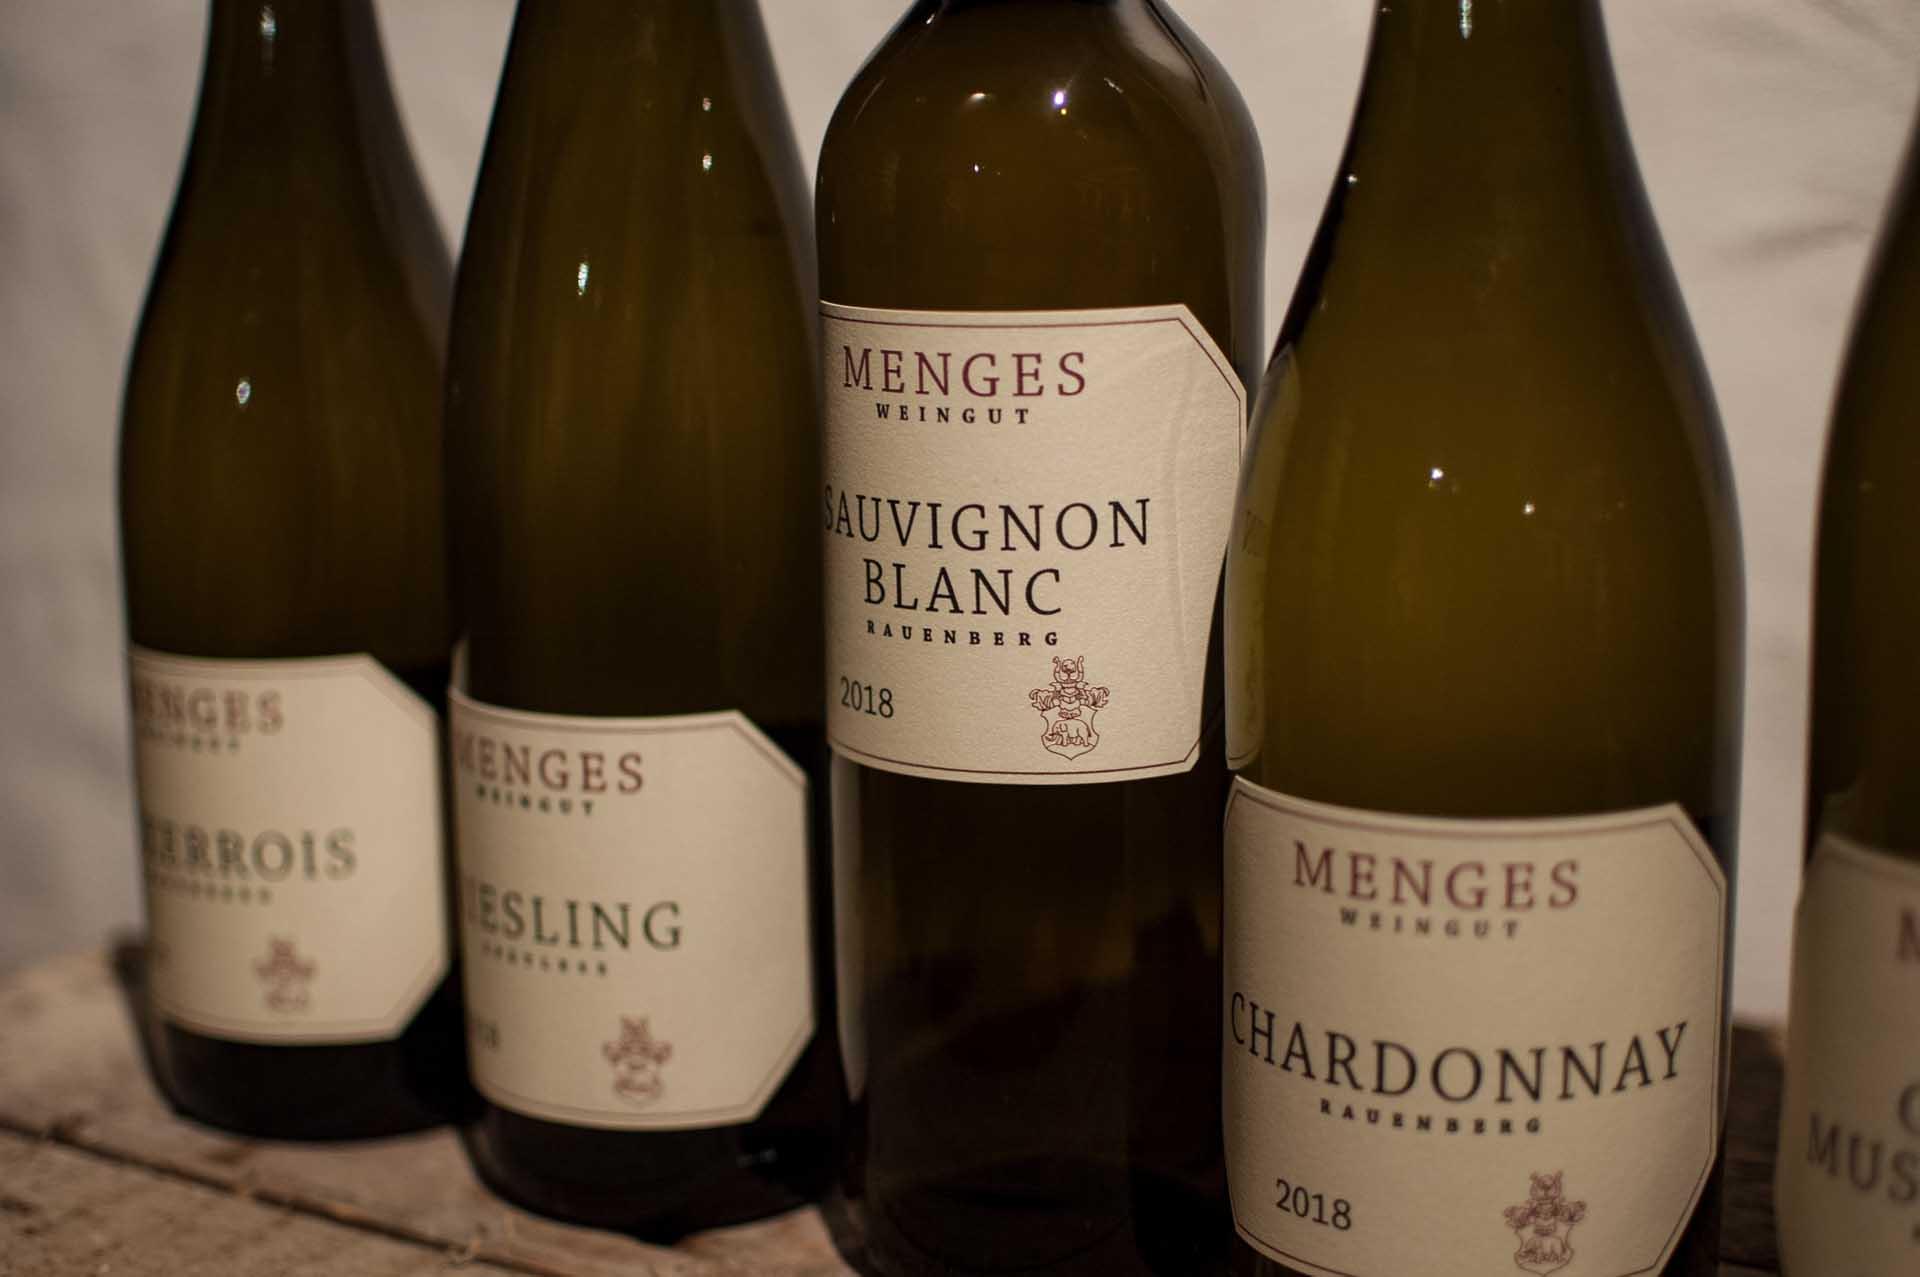 Fotografie verschiedene Flaschen Wein mit Fokus auf Etikett